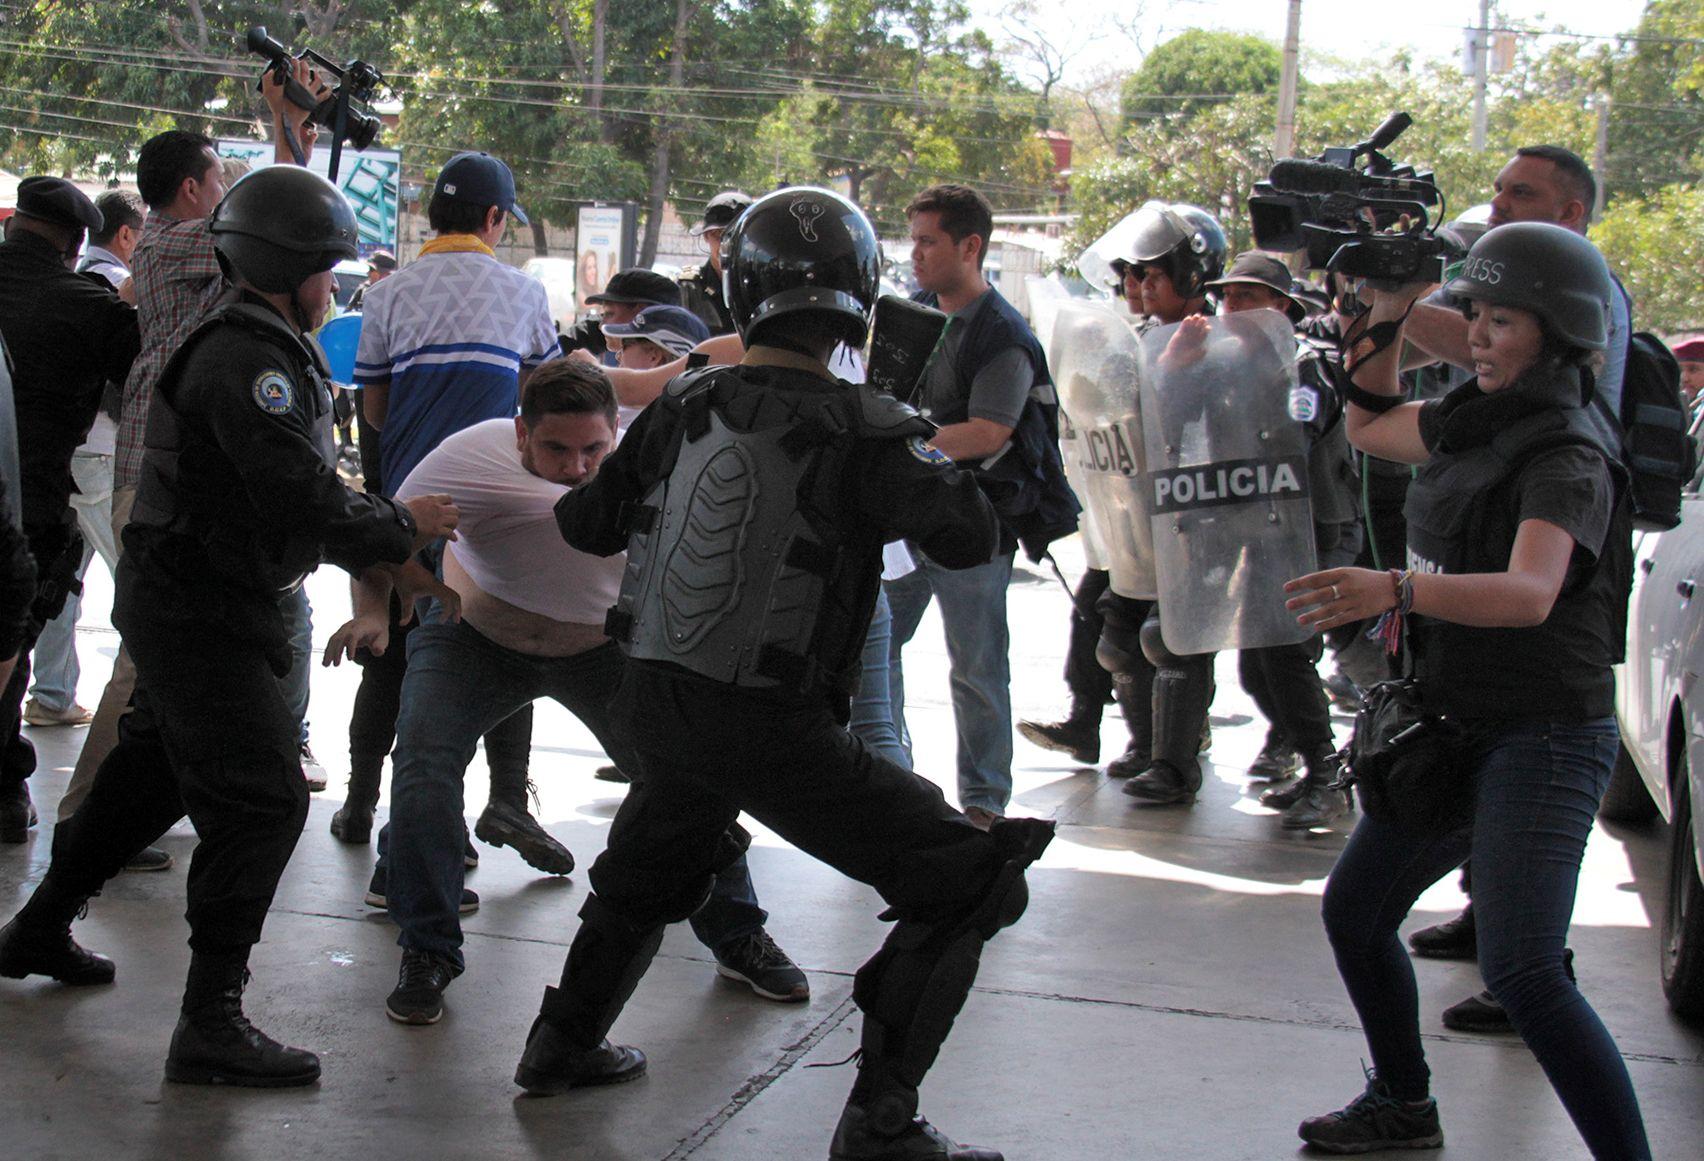 Oficiales de la policía antidisturbios de Nicaragua luchan con el camarógrafo de la AFP Luis Sequeira (L) y sus colegas ante una protesta convocada por grupos de la oposición para exigir al gobierno la liberación de los arrestados por participar en protestas. (Foto Prensa Libre: AFP)